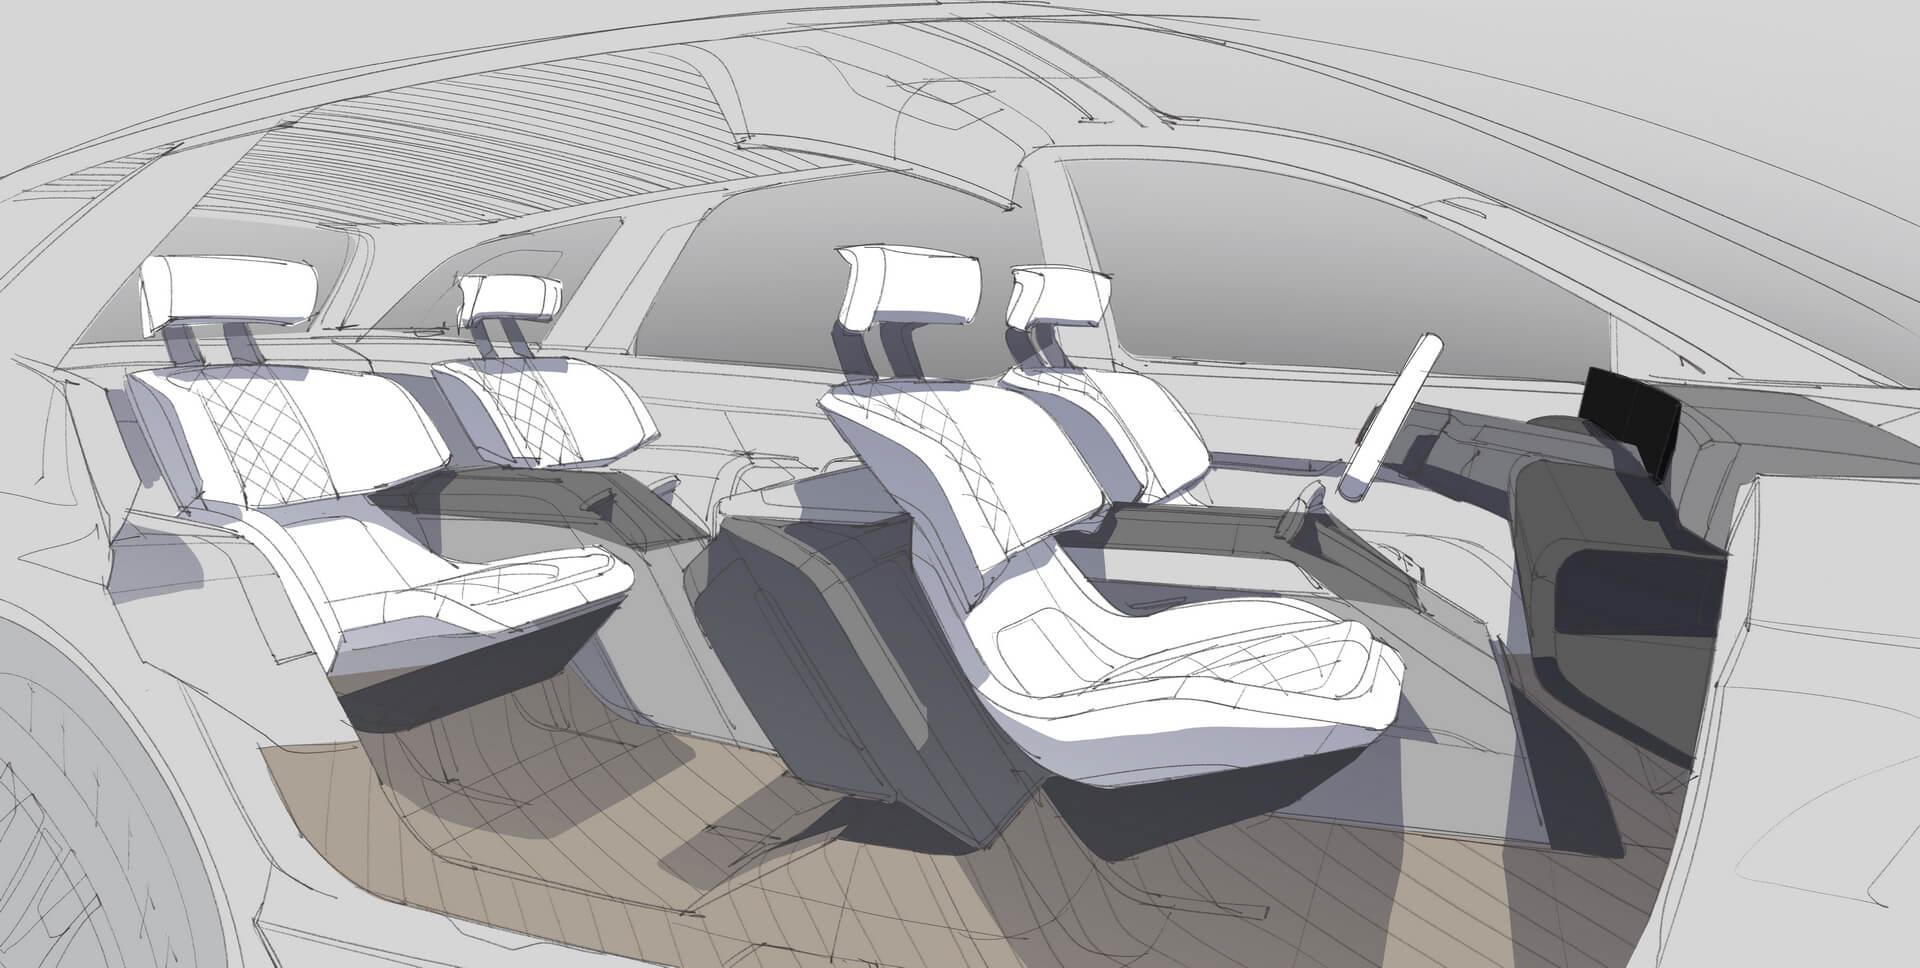 Первый электромобиль Lincoln будет отличаться от нынешних автомобилей, поскольку платформа электромобиля позволяет сделать салон более просторным